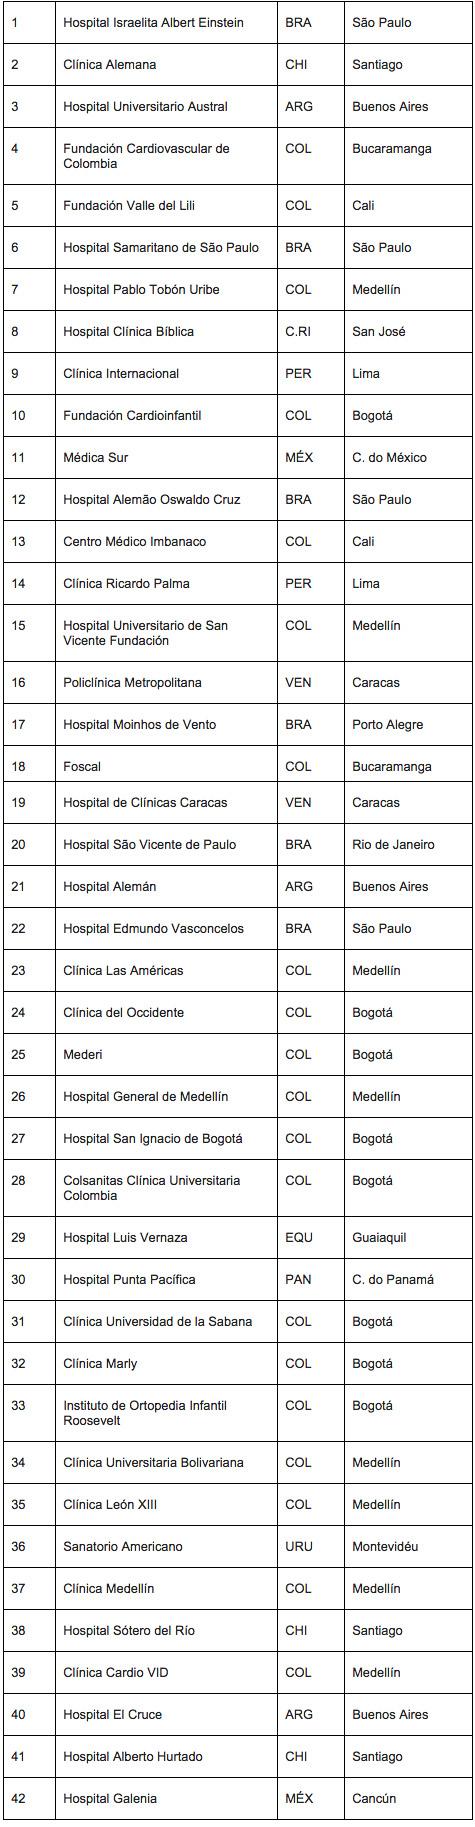 melhores hospitais